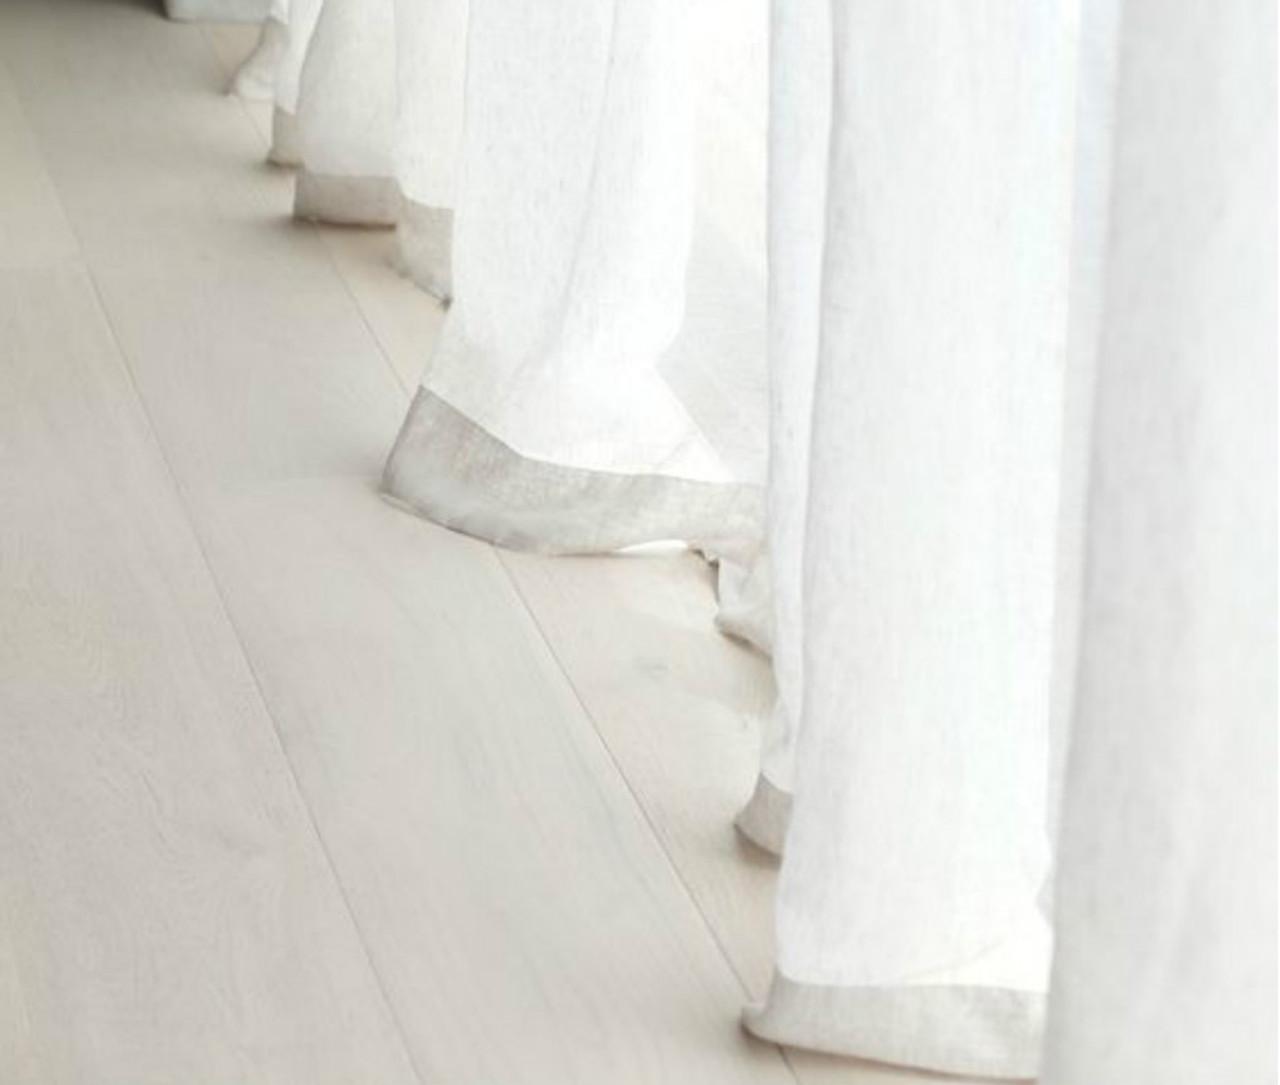 Fullsize Of White Sheer Curtains